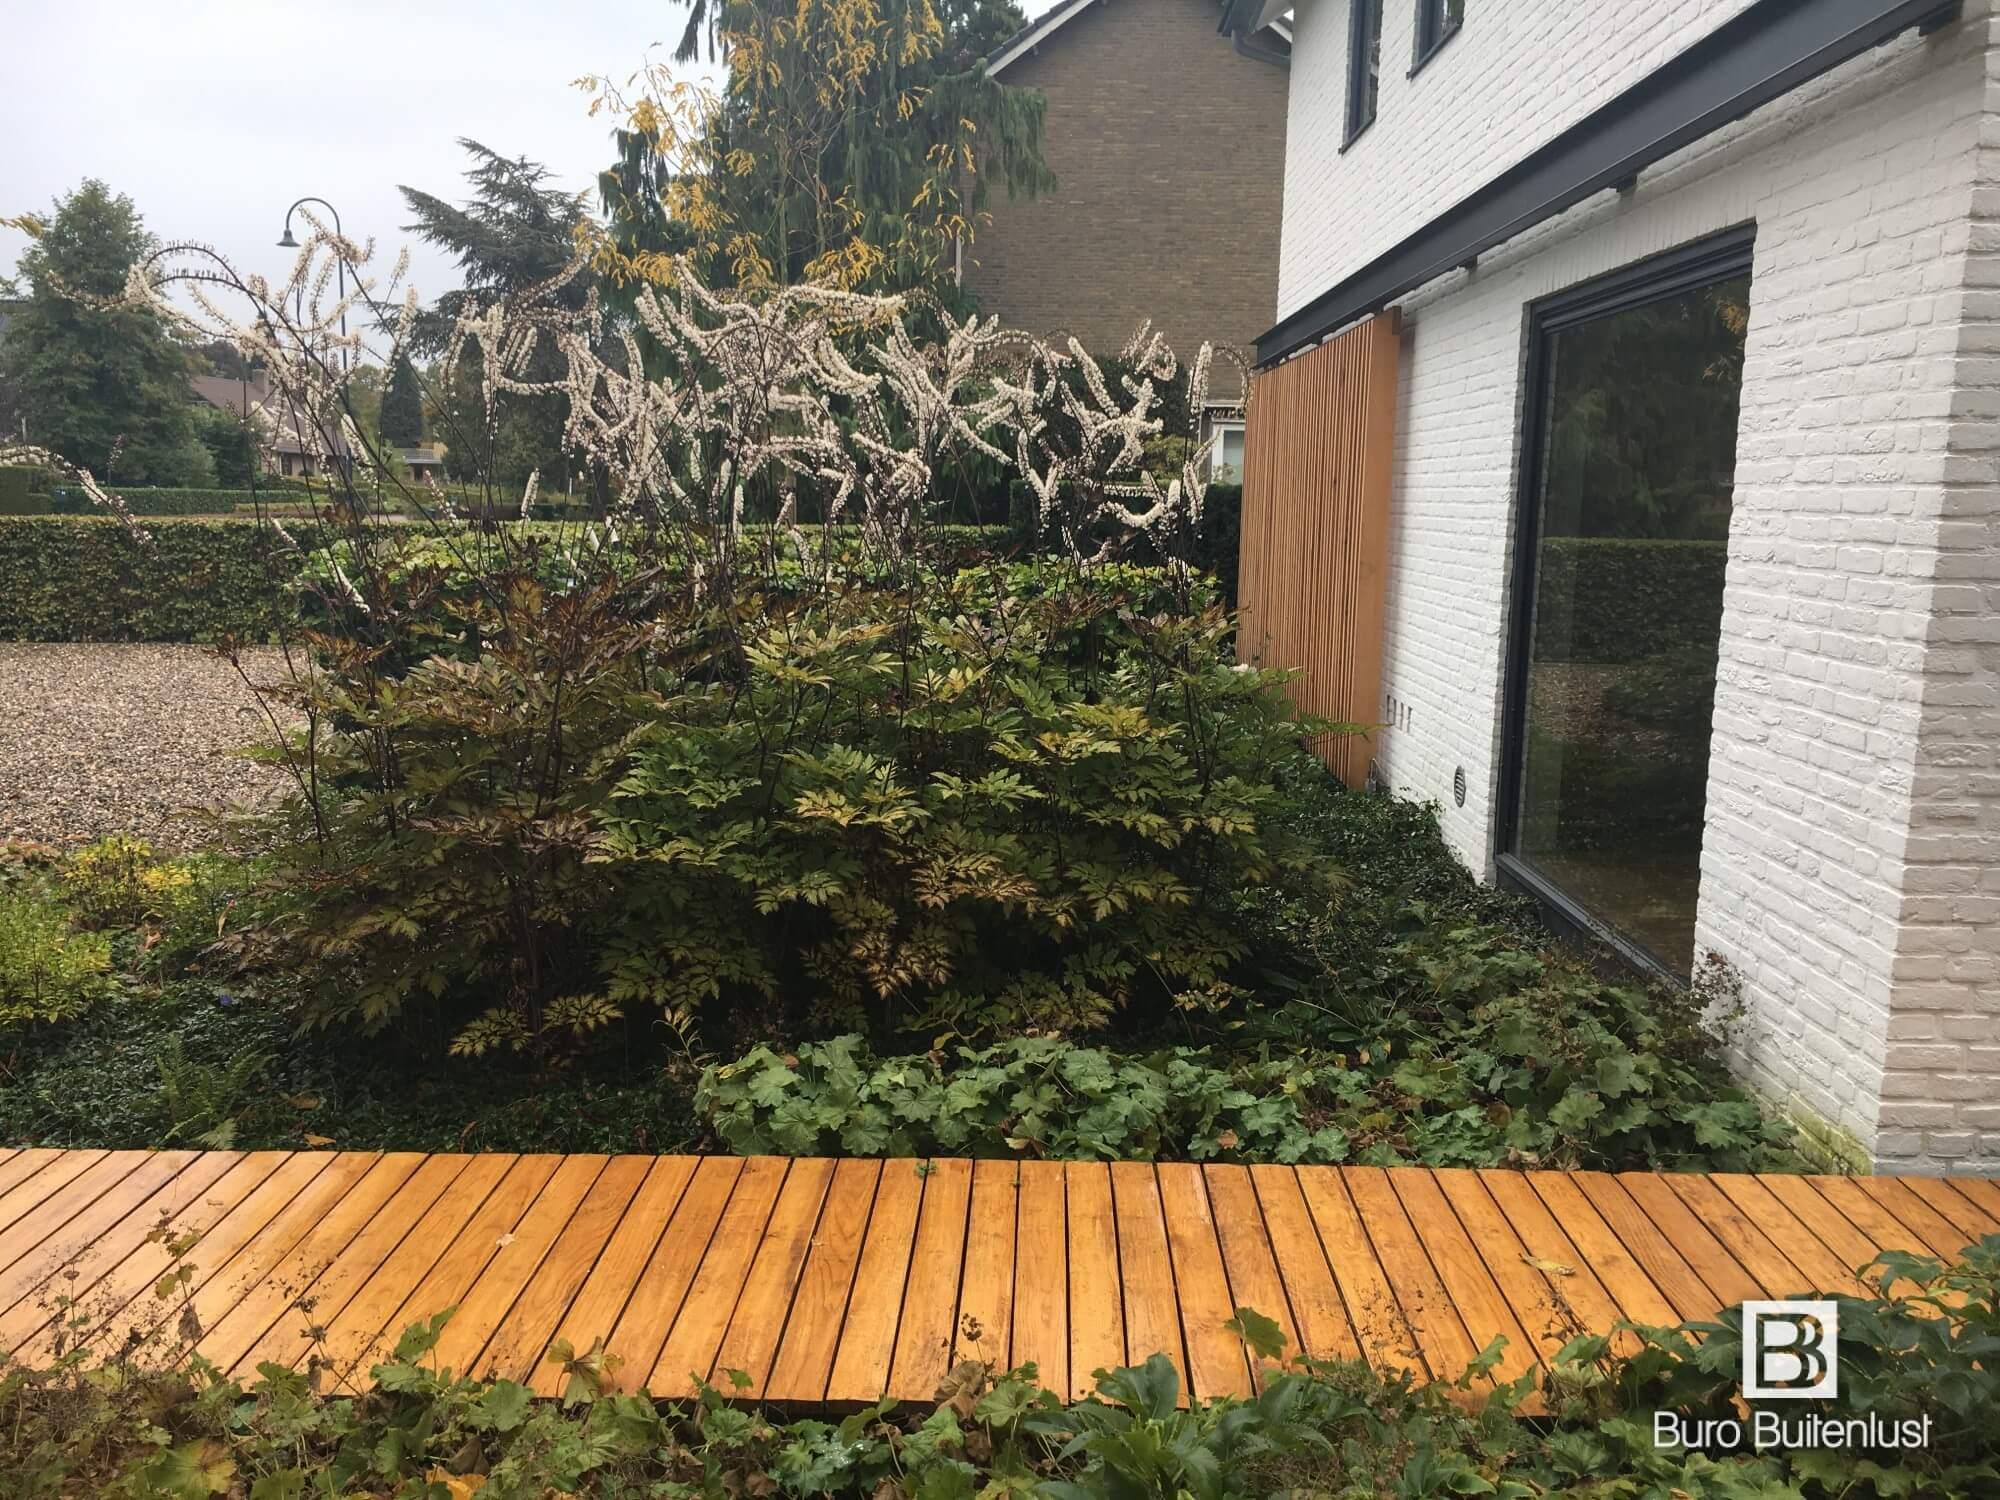 Tuinontwerp exclusieve tuinen die elk jaar mooier worden